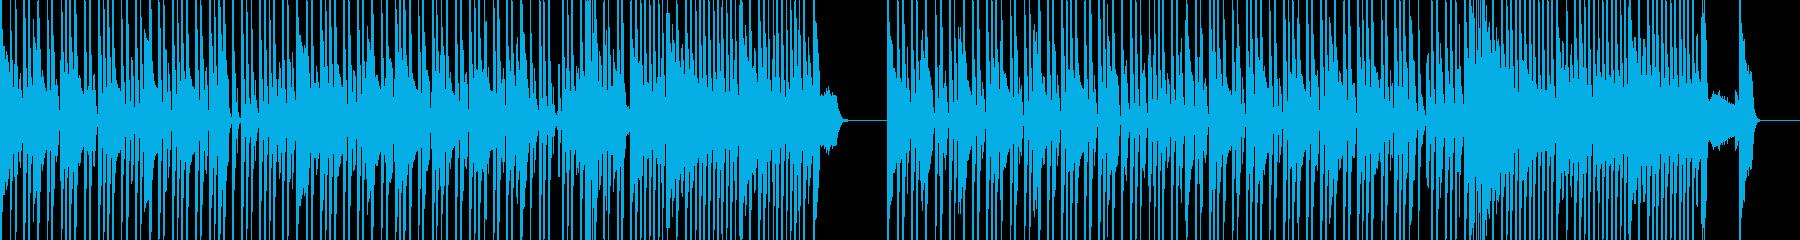 スピード感ある響きが特徴的なメロディーの再生済みの波形